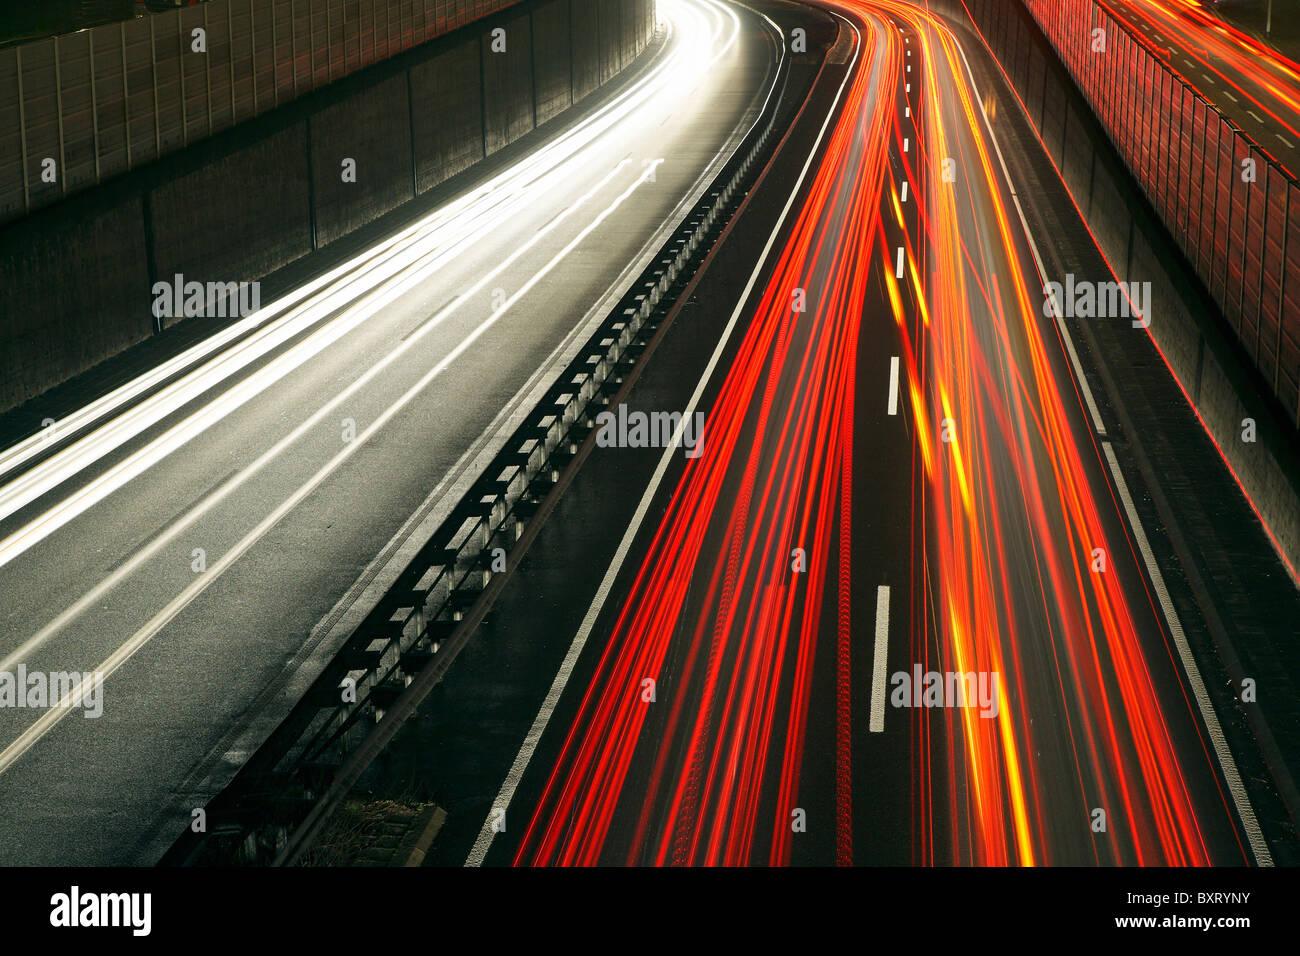 Feierabendverkehr auf der Autobahn A40, Essen, Deutschland Stockbild